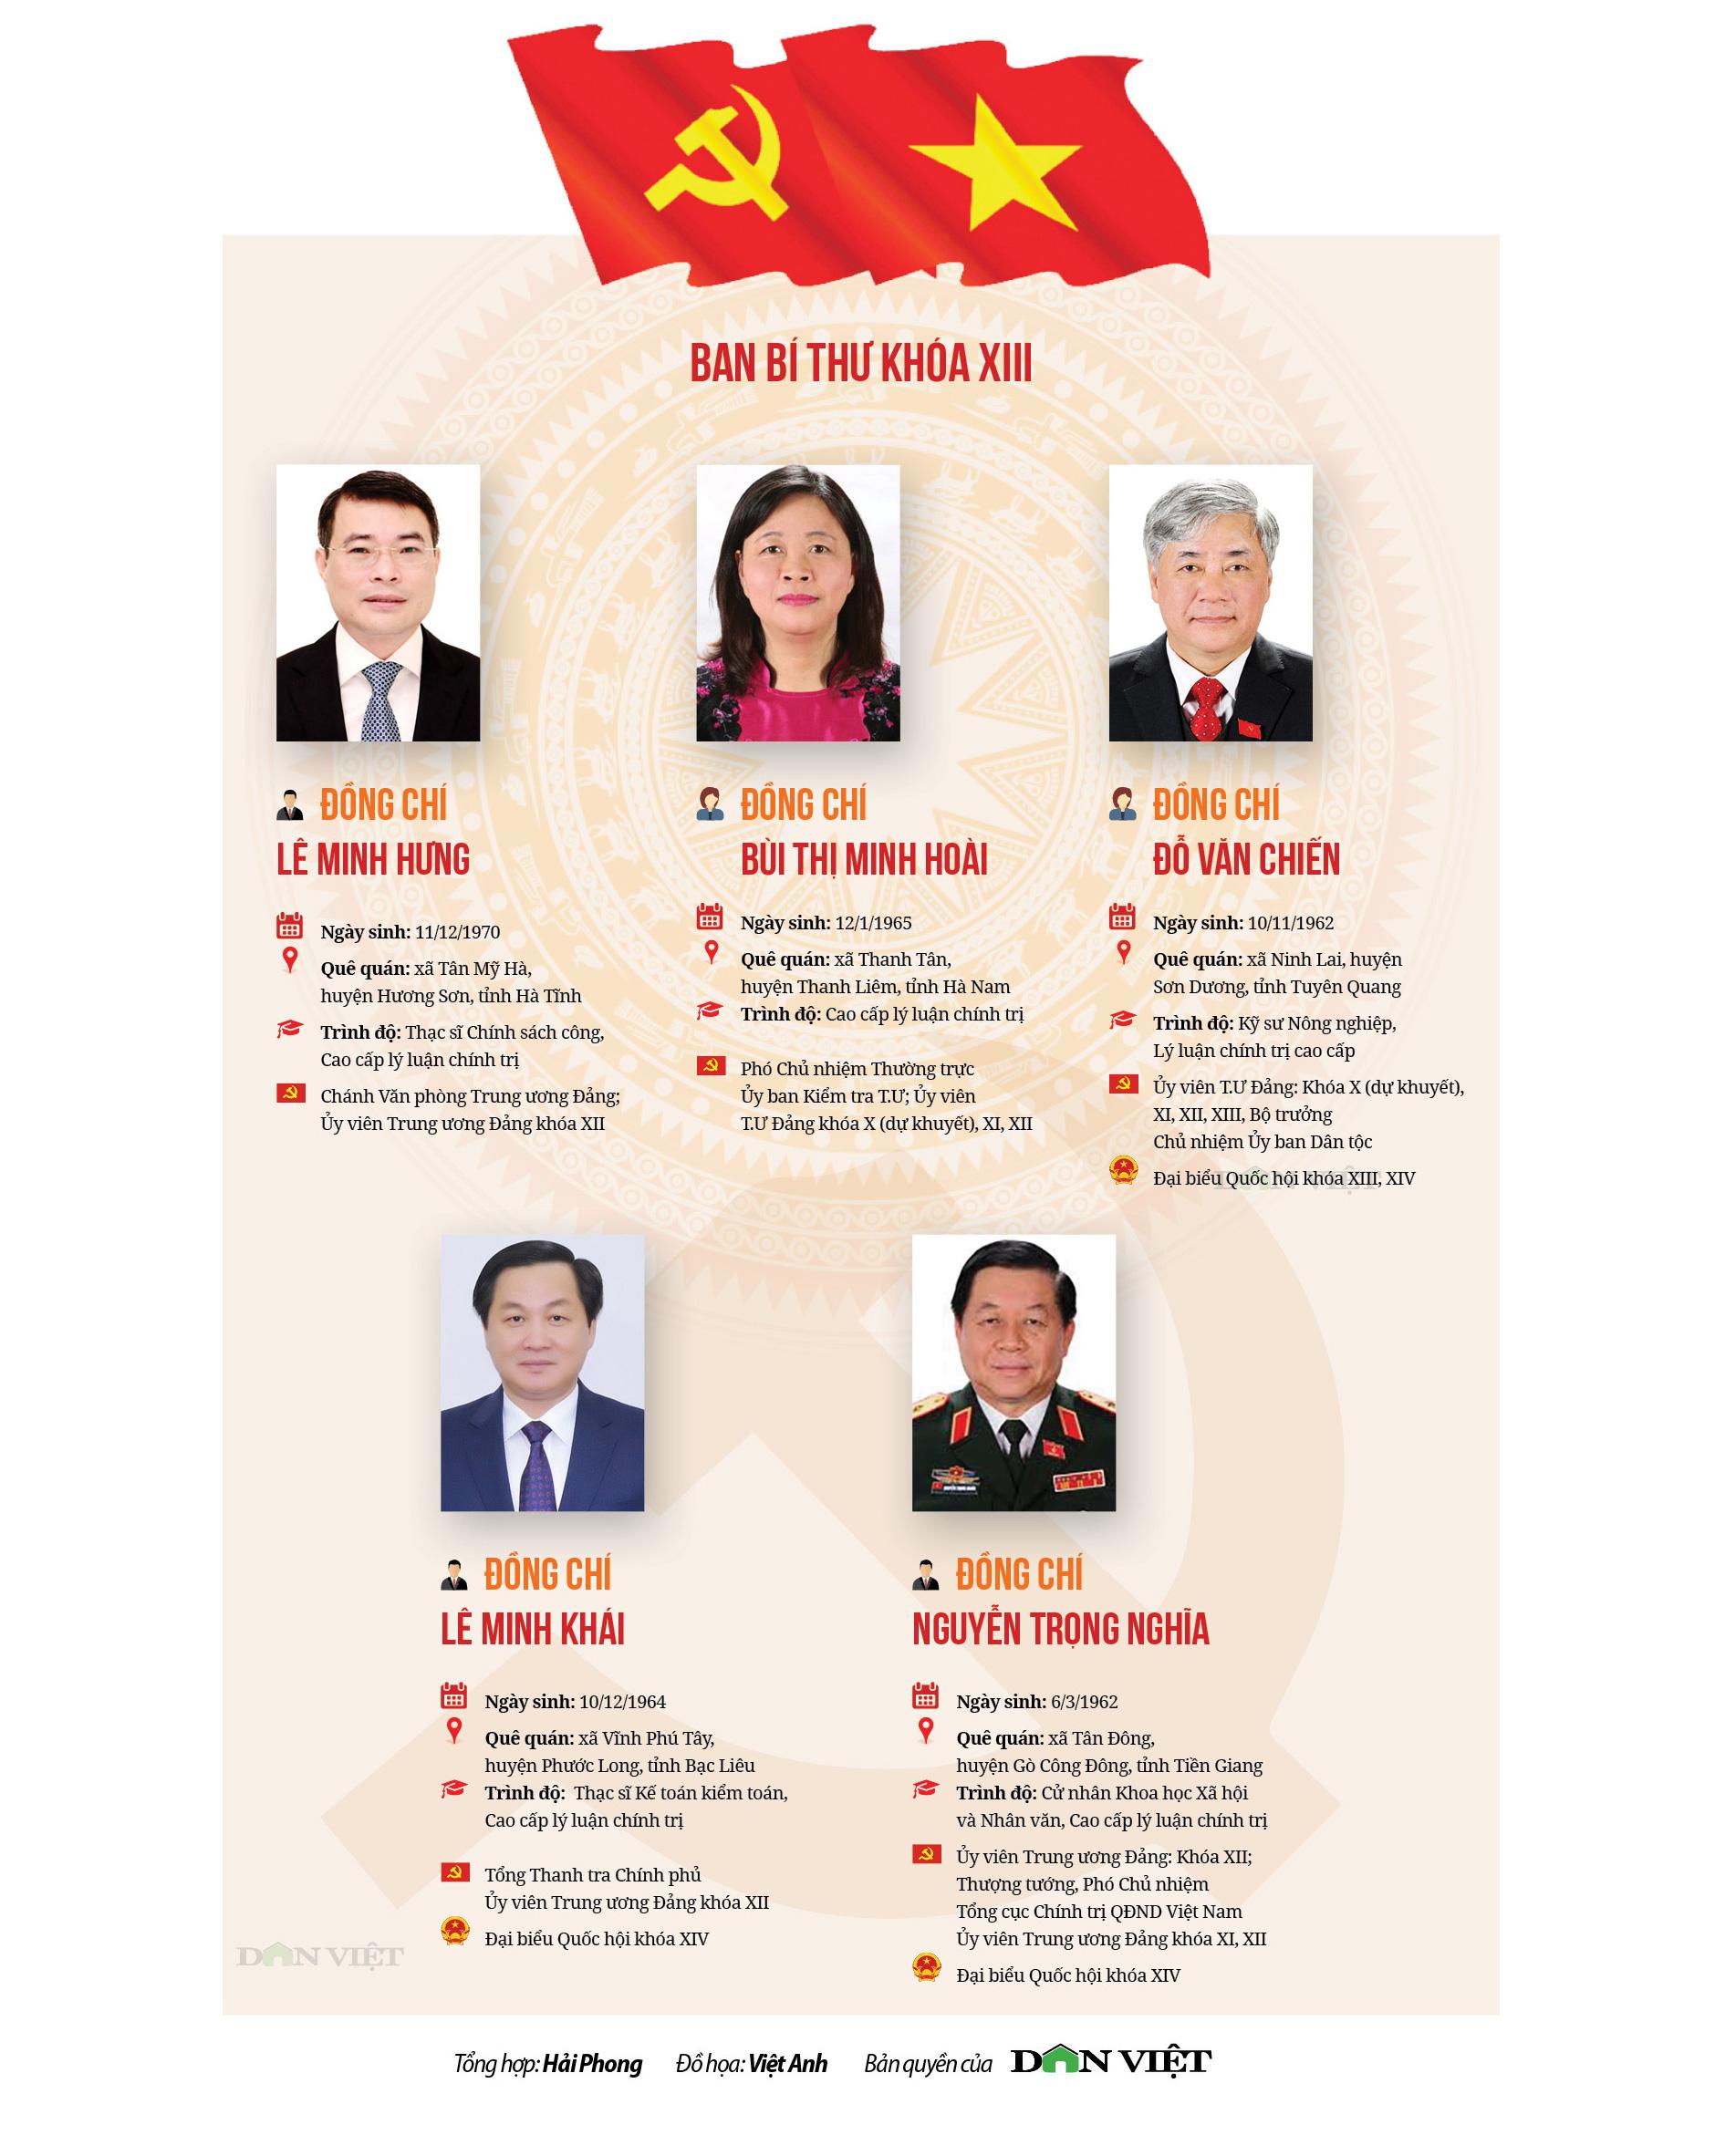 Chân dung các Ủy viên Bộ Chính trị, Ban Bí thư khóa XIII - 2